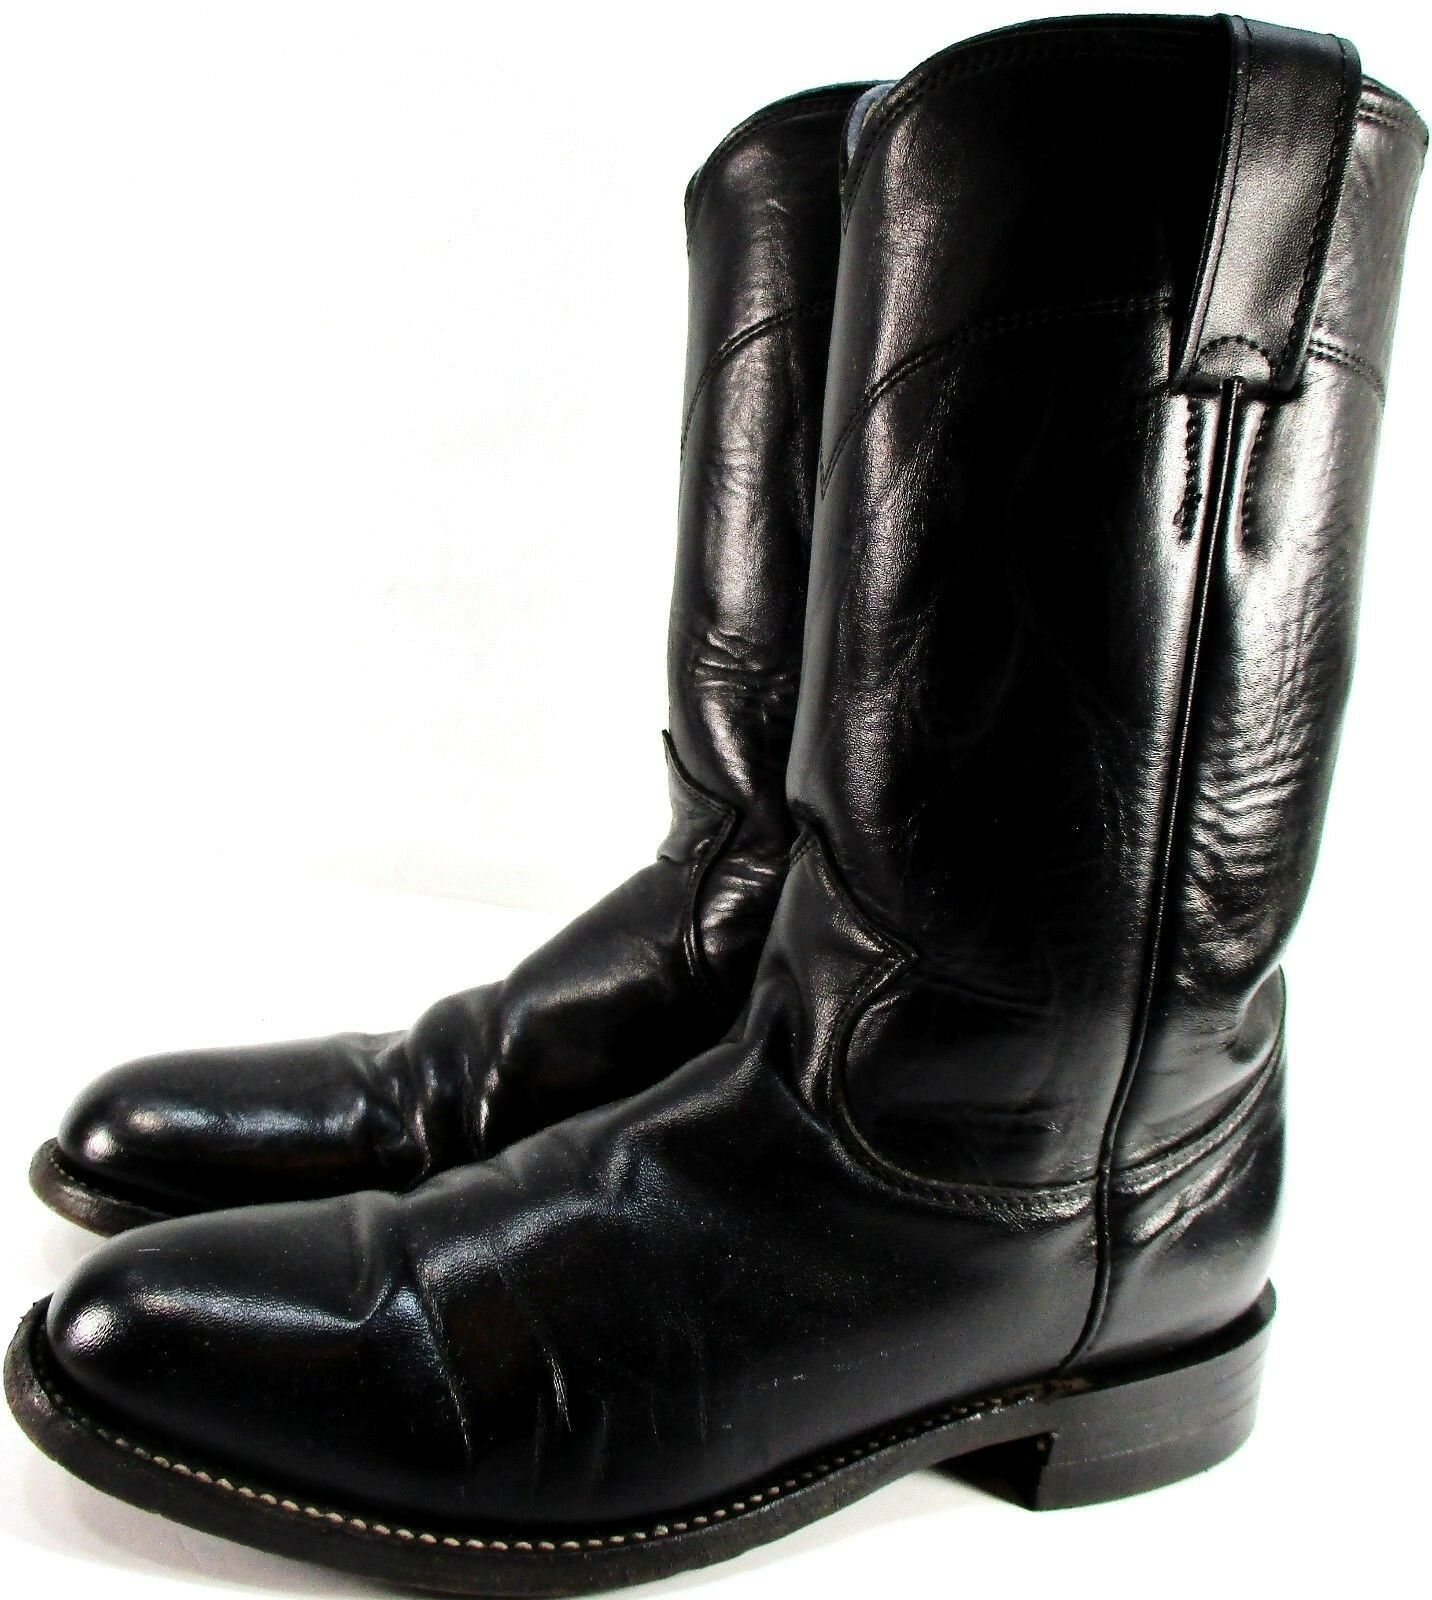 Justin Men Western bottes noir Taille 5.5 Style 3703 Semelle en Cuir Semelle intérieure Doubleure